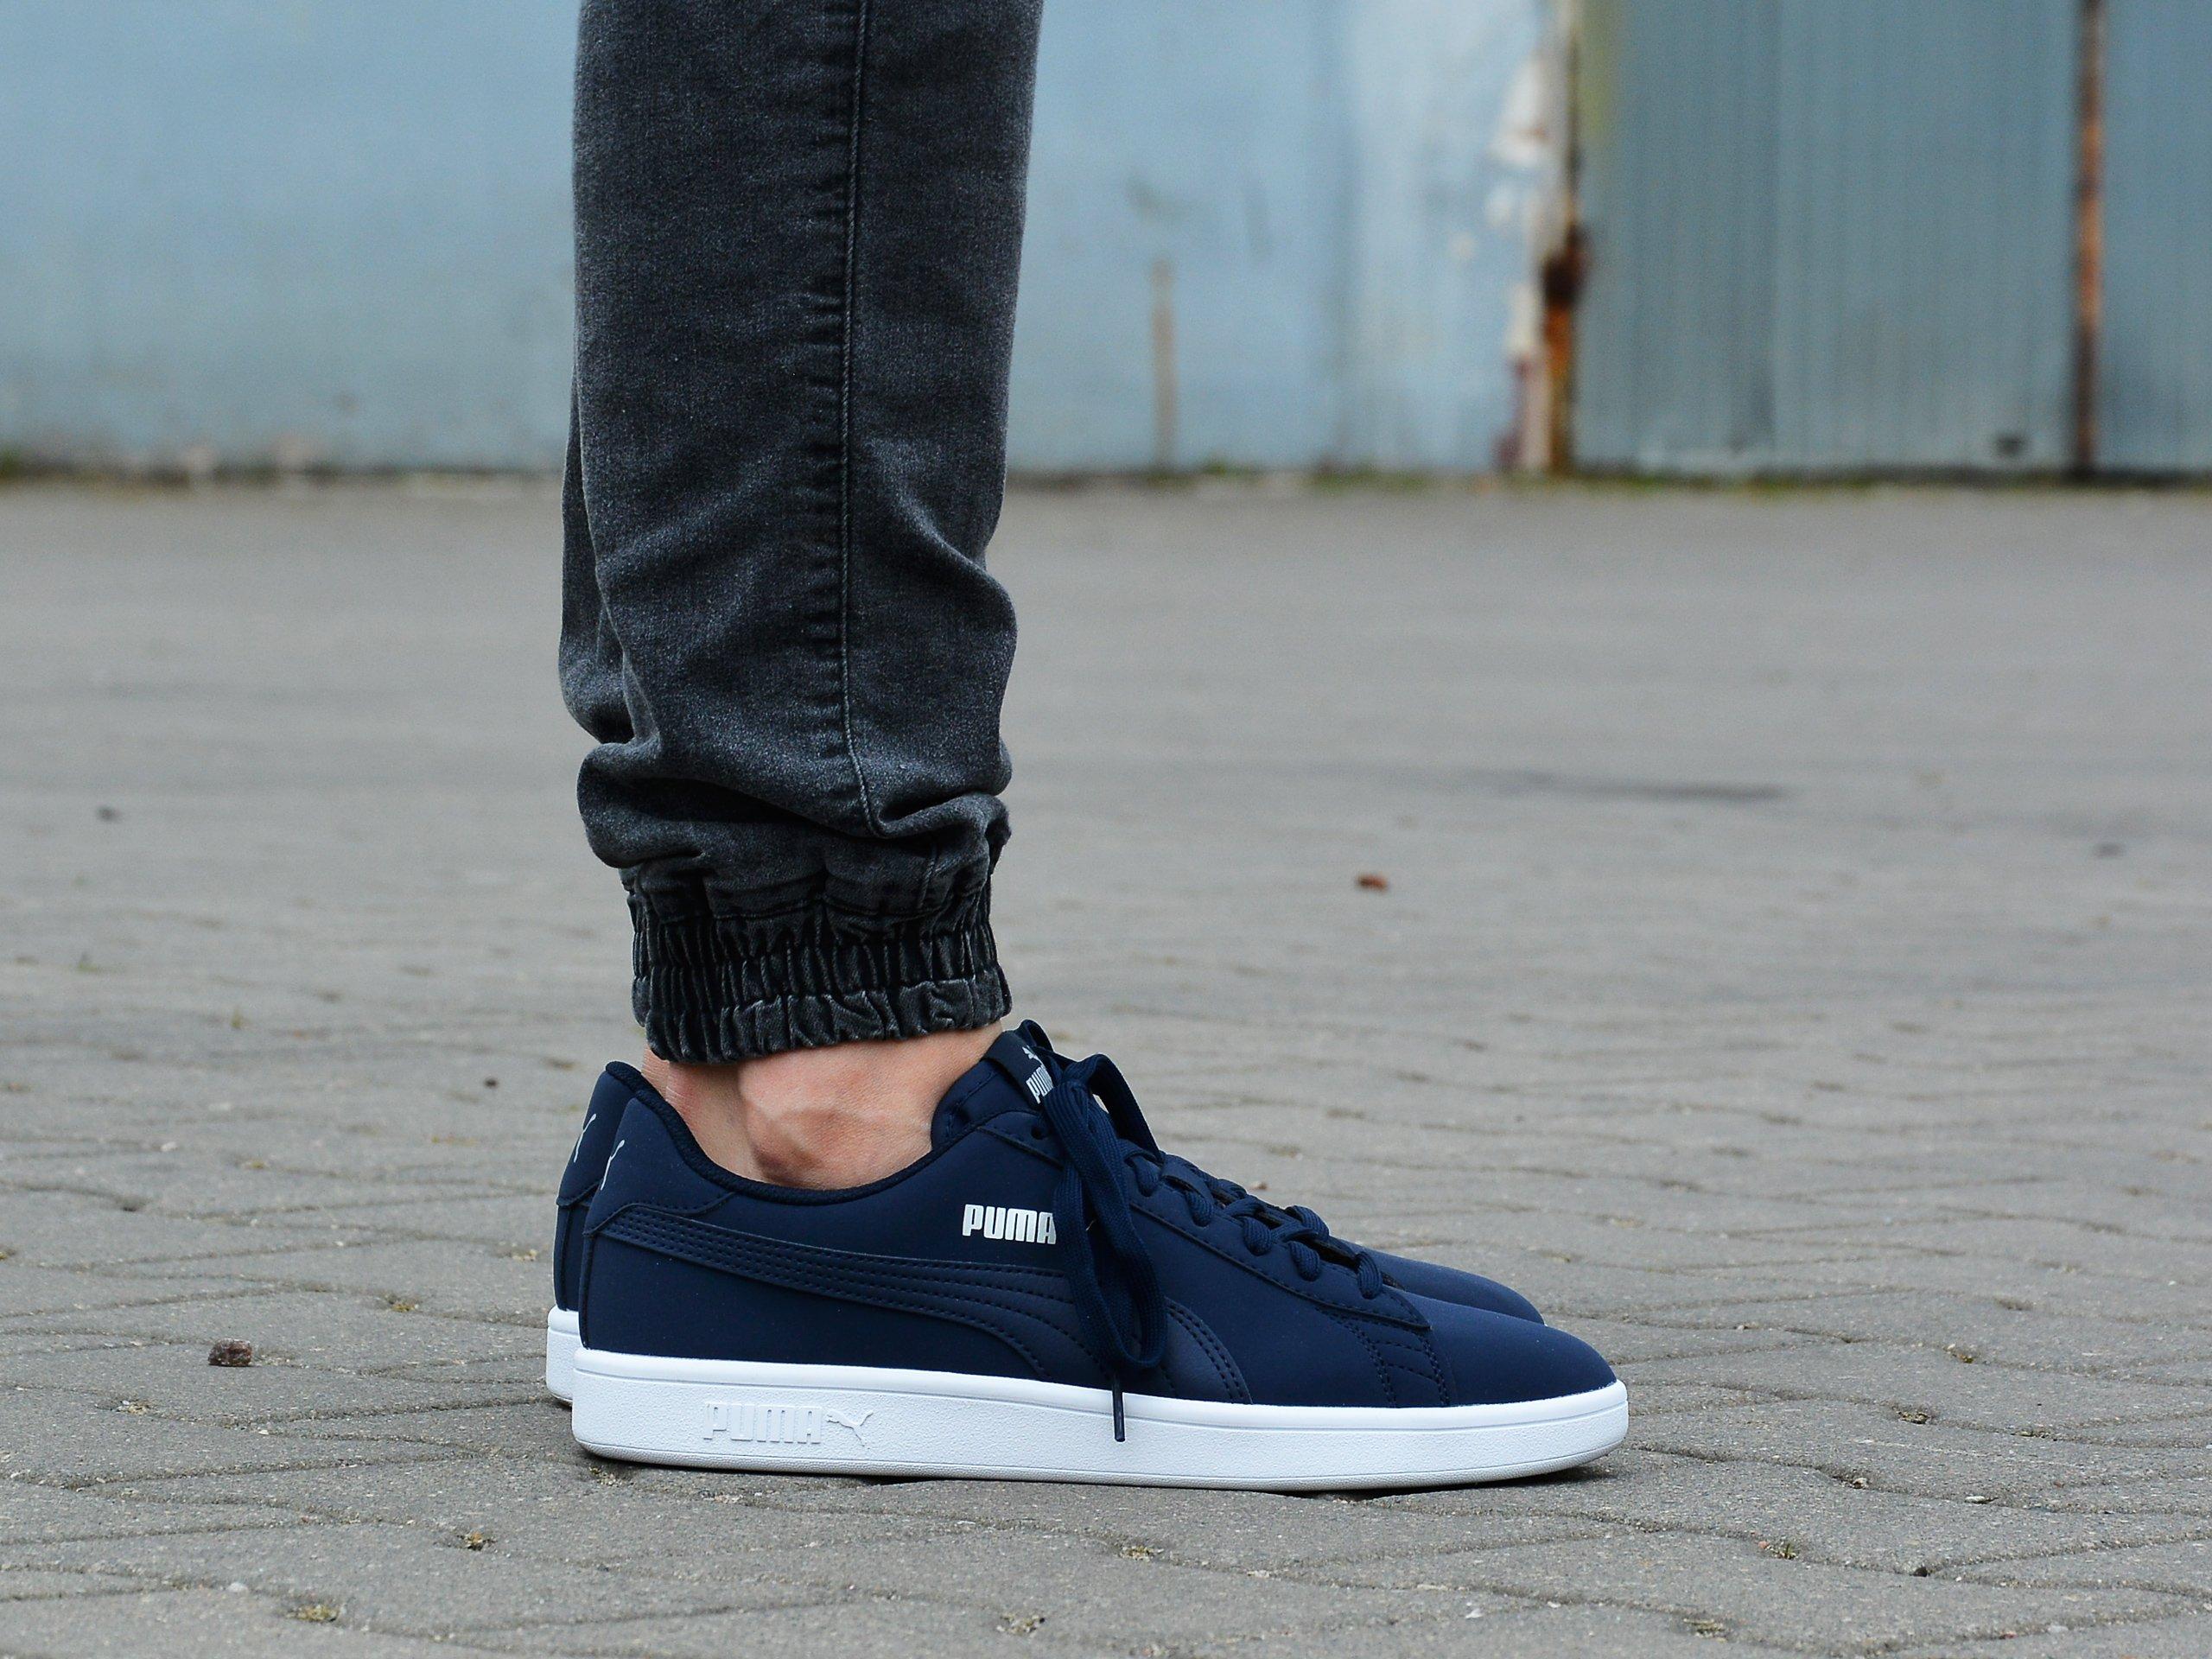 Puma - Smash v2 Buck 365160-15 - Sneakers - Navy   Mens \ Puma ...